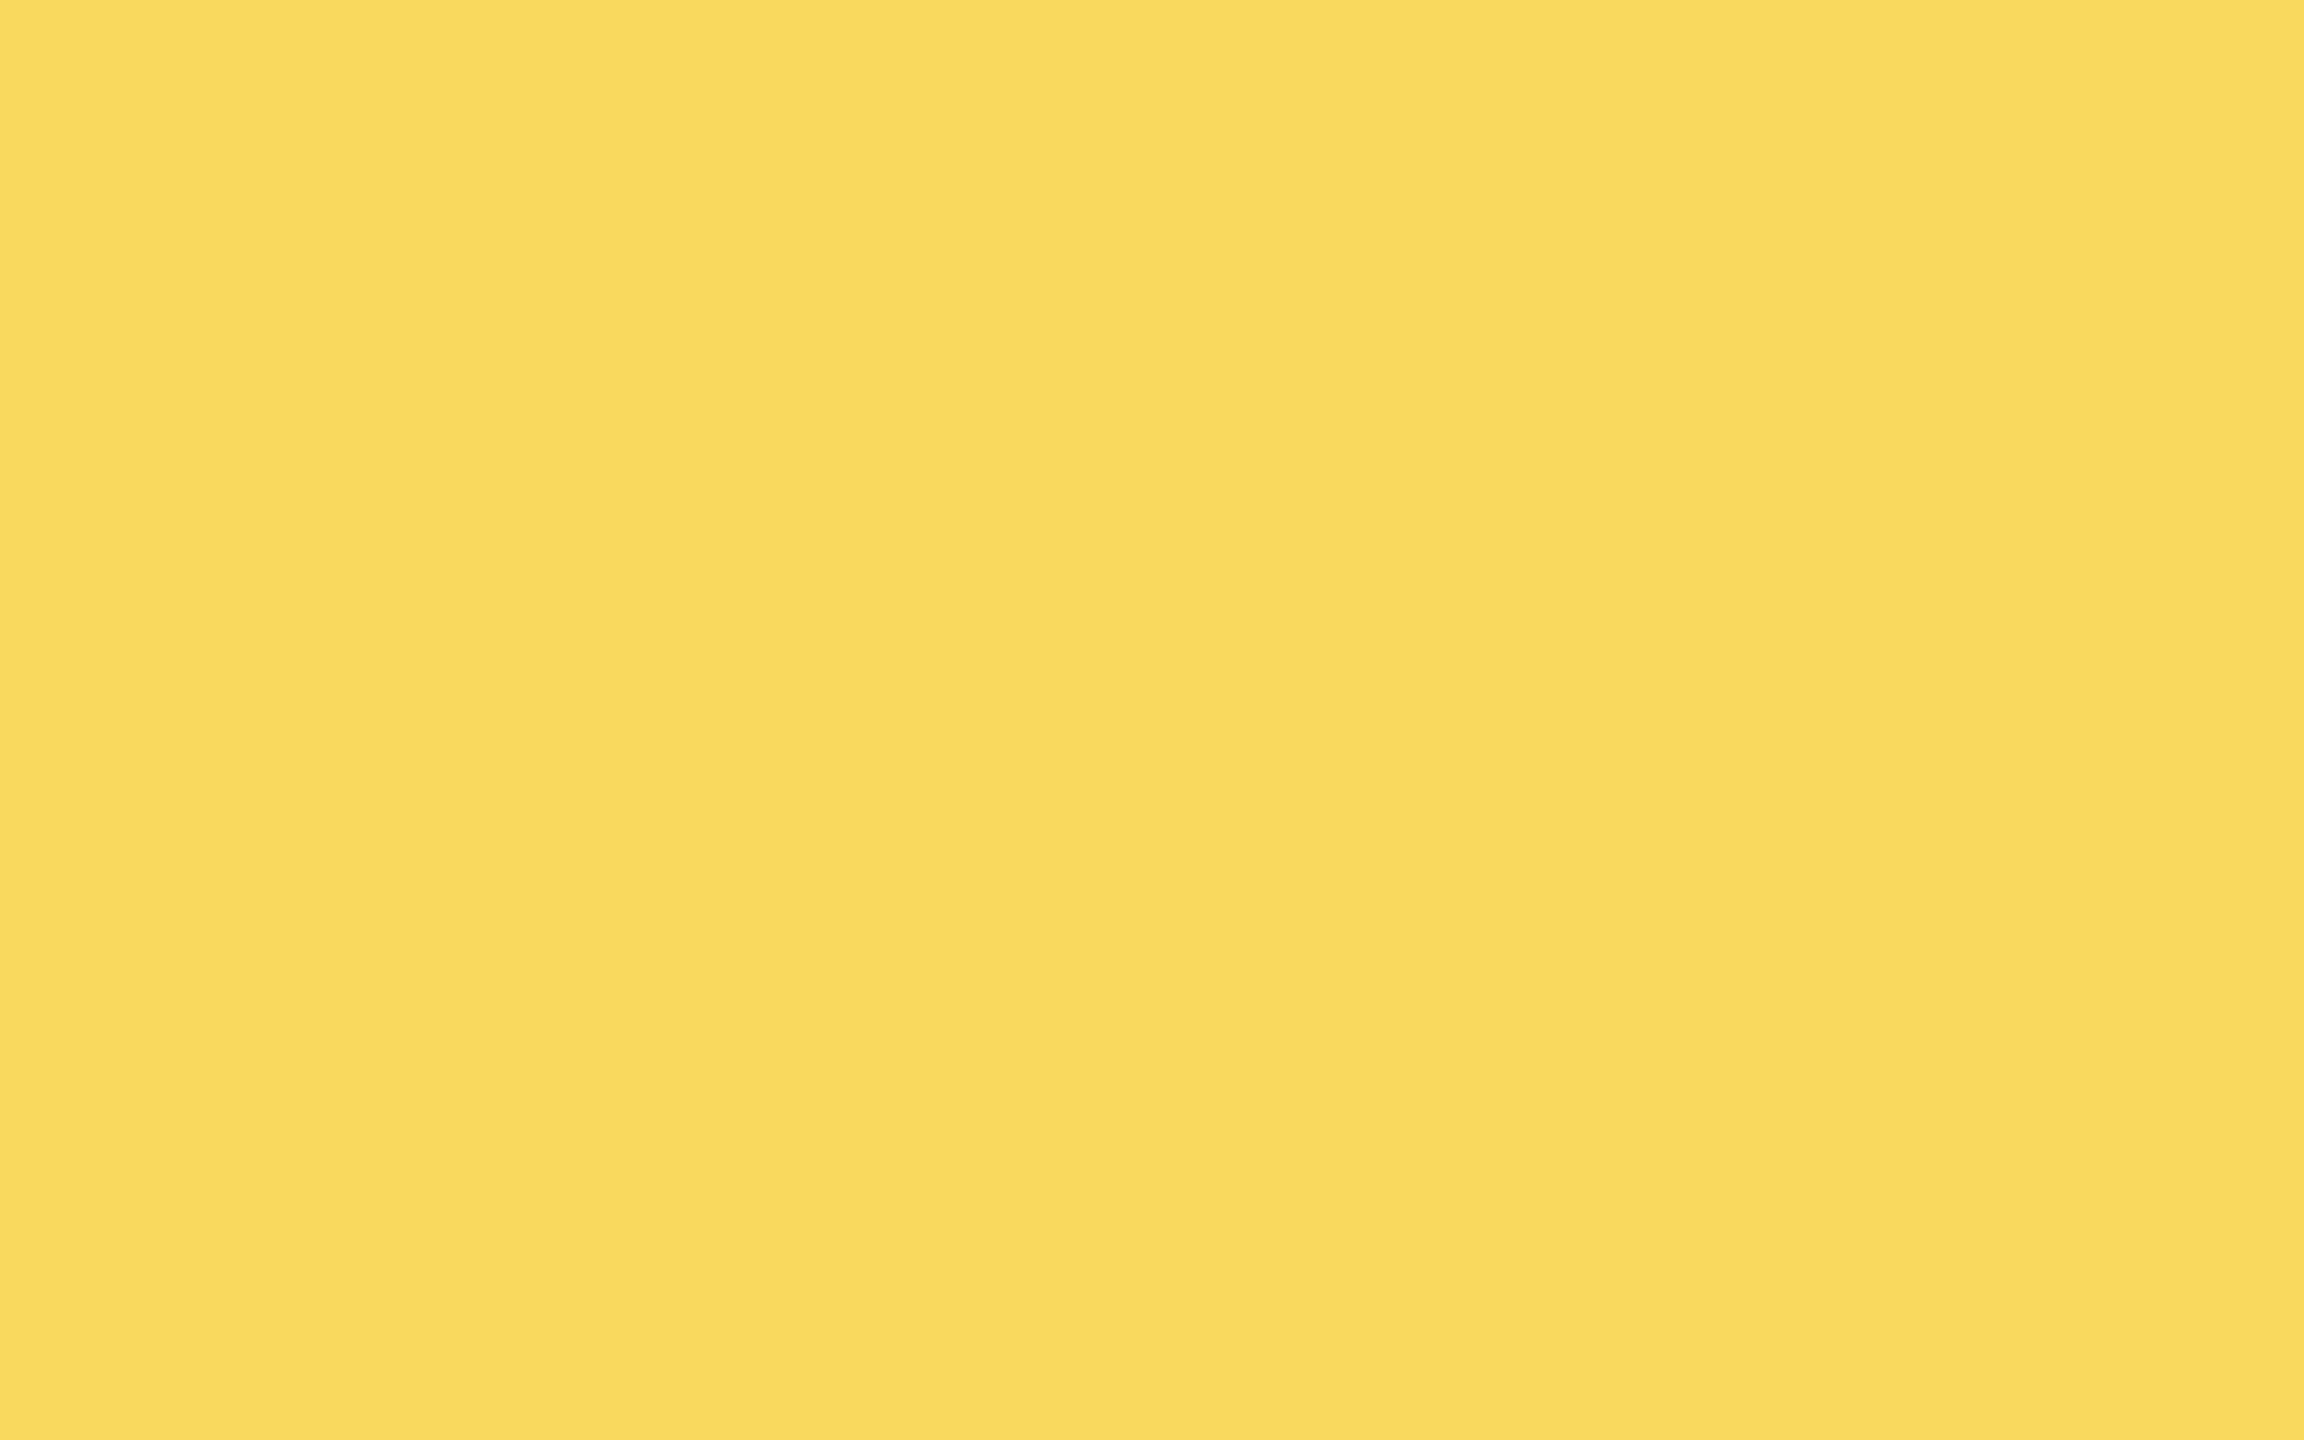 2304x1440 Stil De Grain Yellow Solid Color Background